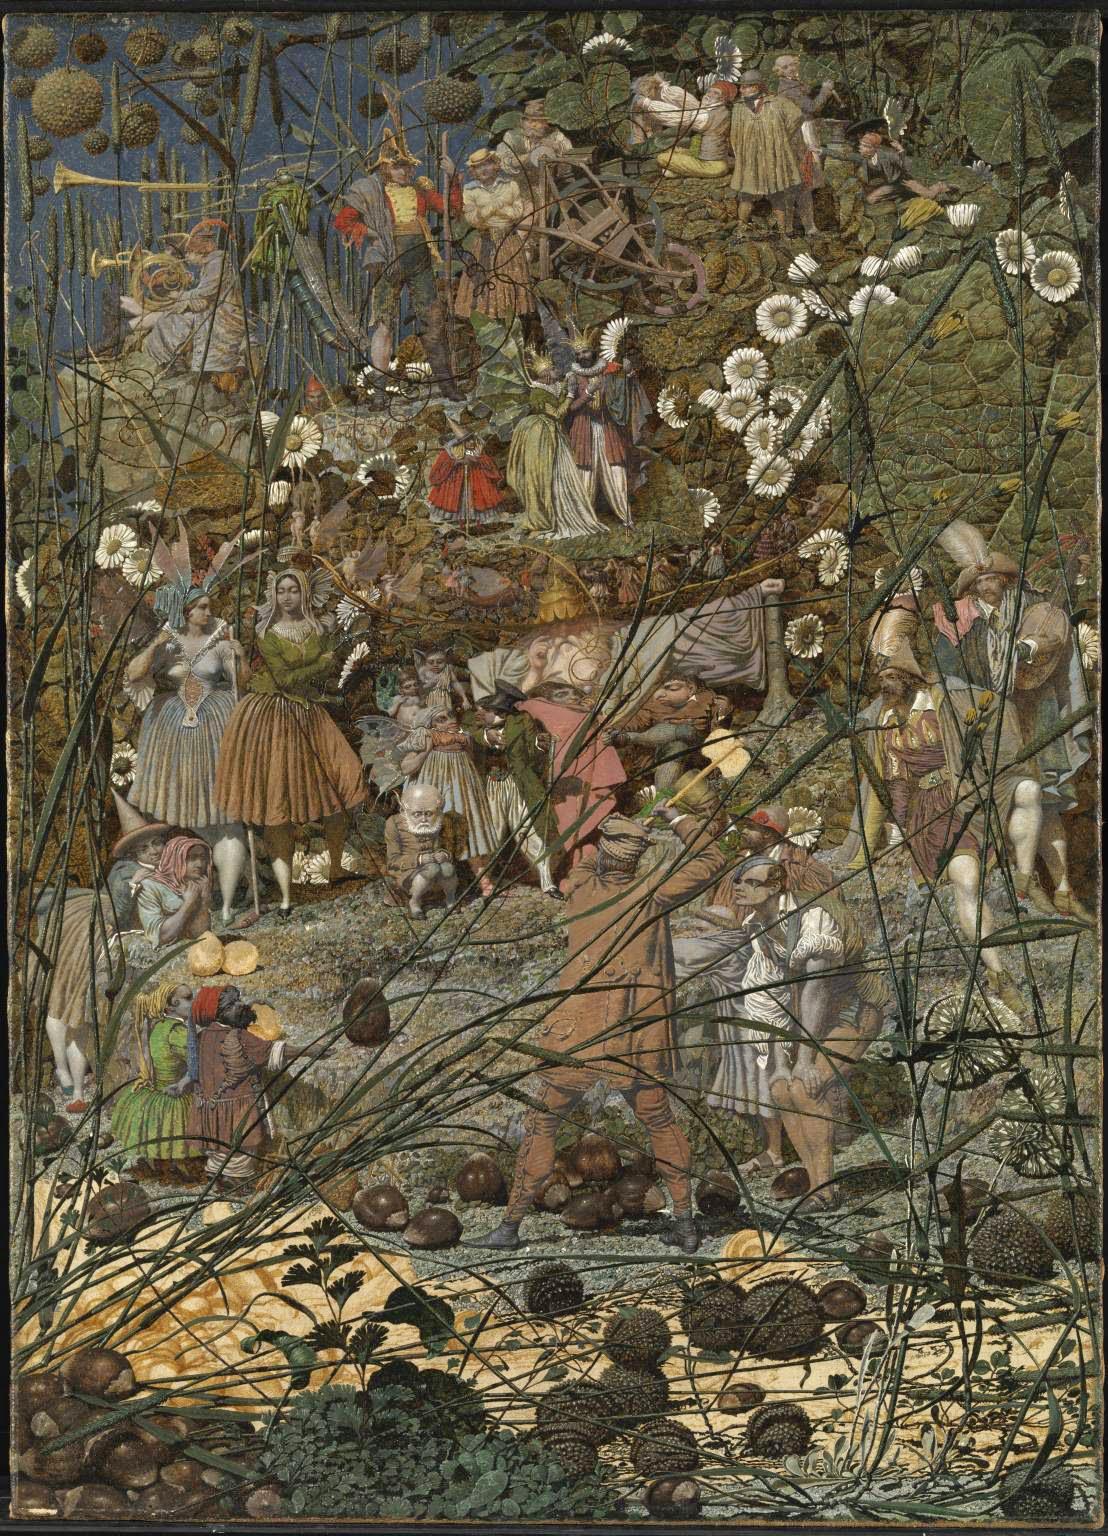 Richard Dadd, El golpe maestro del leñador de las hadas-The Fairy Feller's Master Stroke (1855-1864), Tate Gallery, Londres